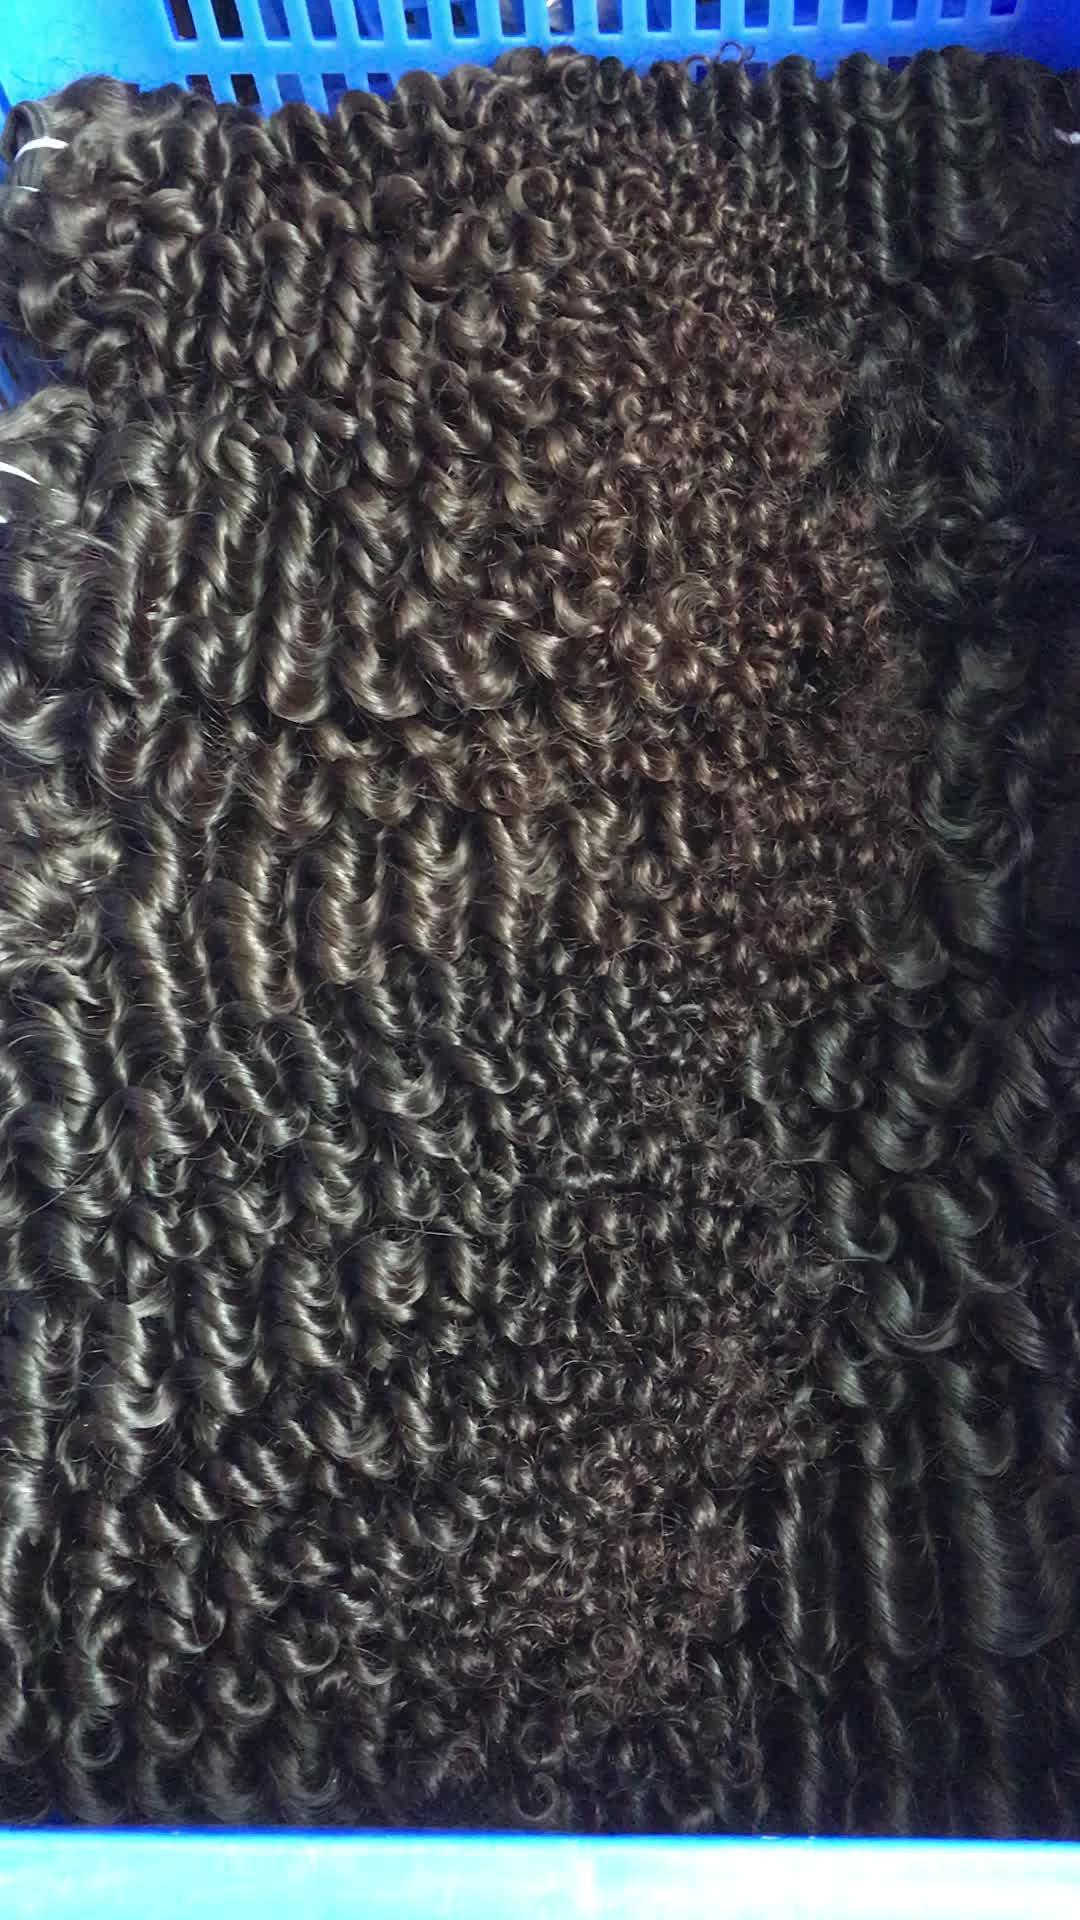 No se cae, no se enreda, cabello rizado natural sin procesar birmano, vendedor de cutícula, cabello humano virgen alineado, Pelo Rizado sin procesar